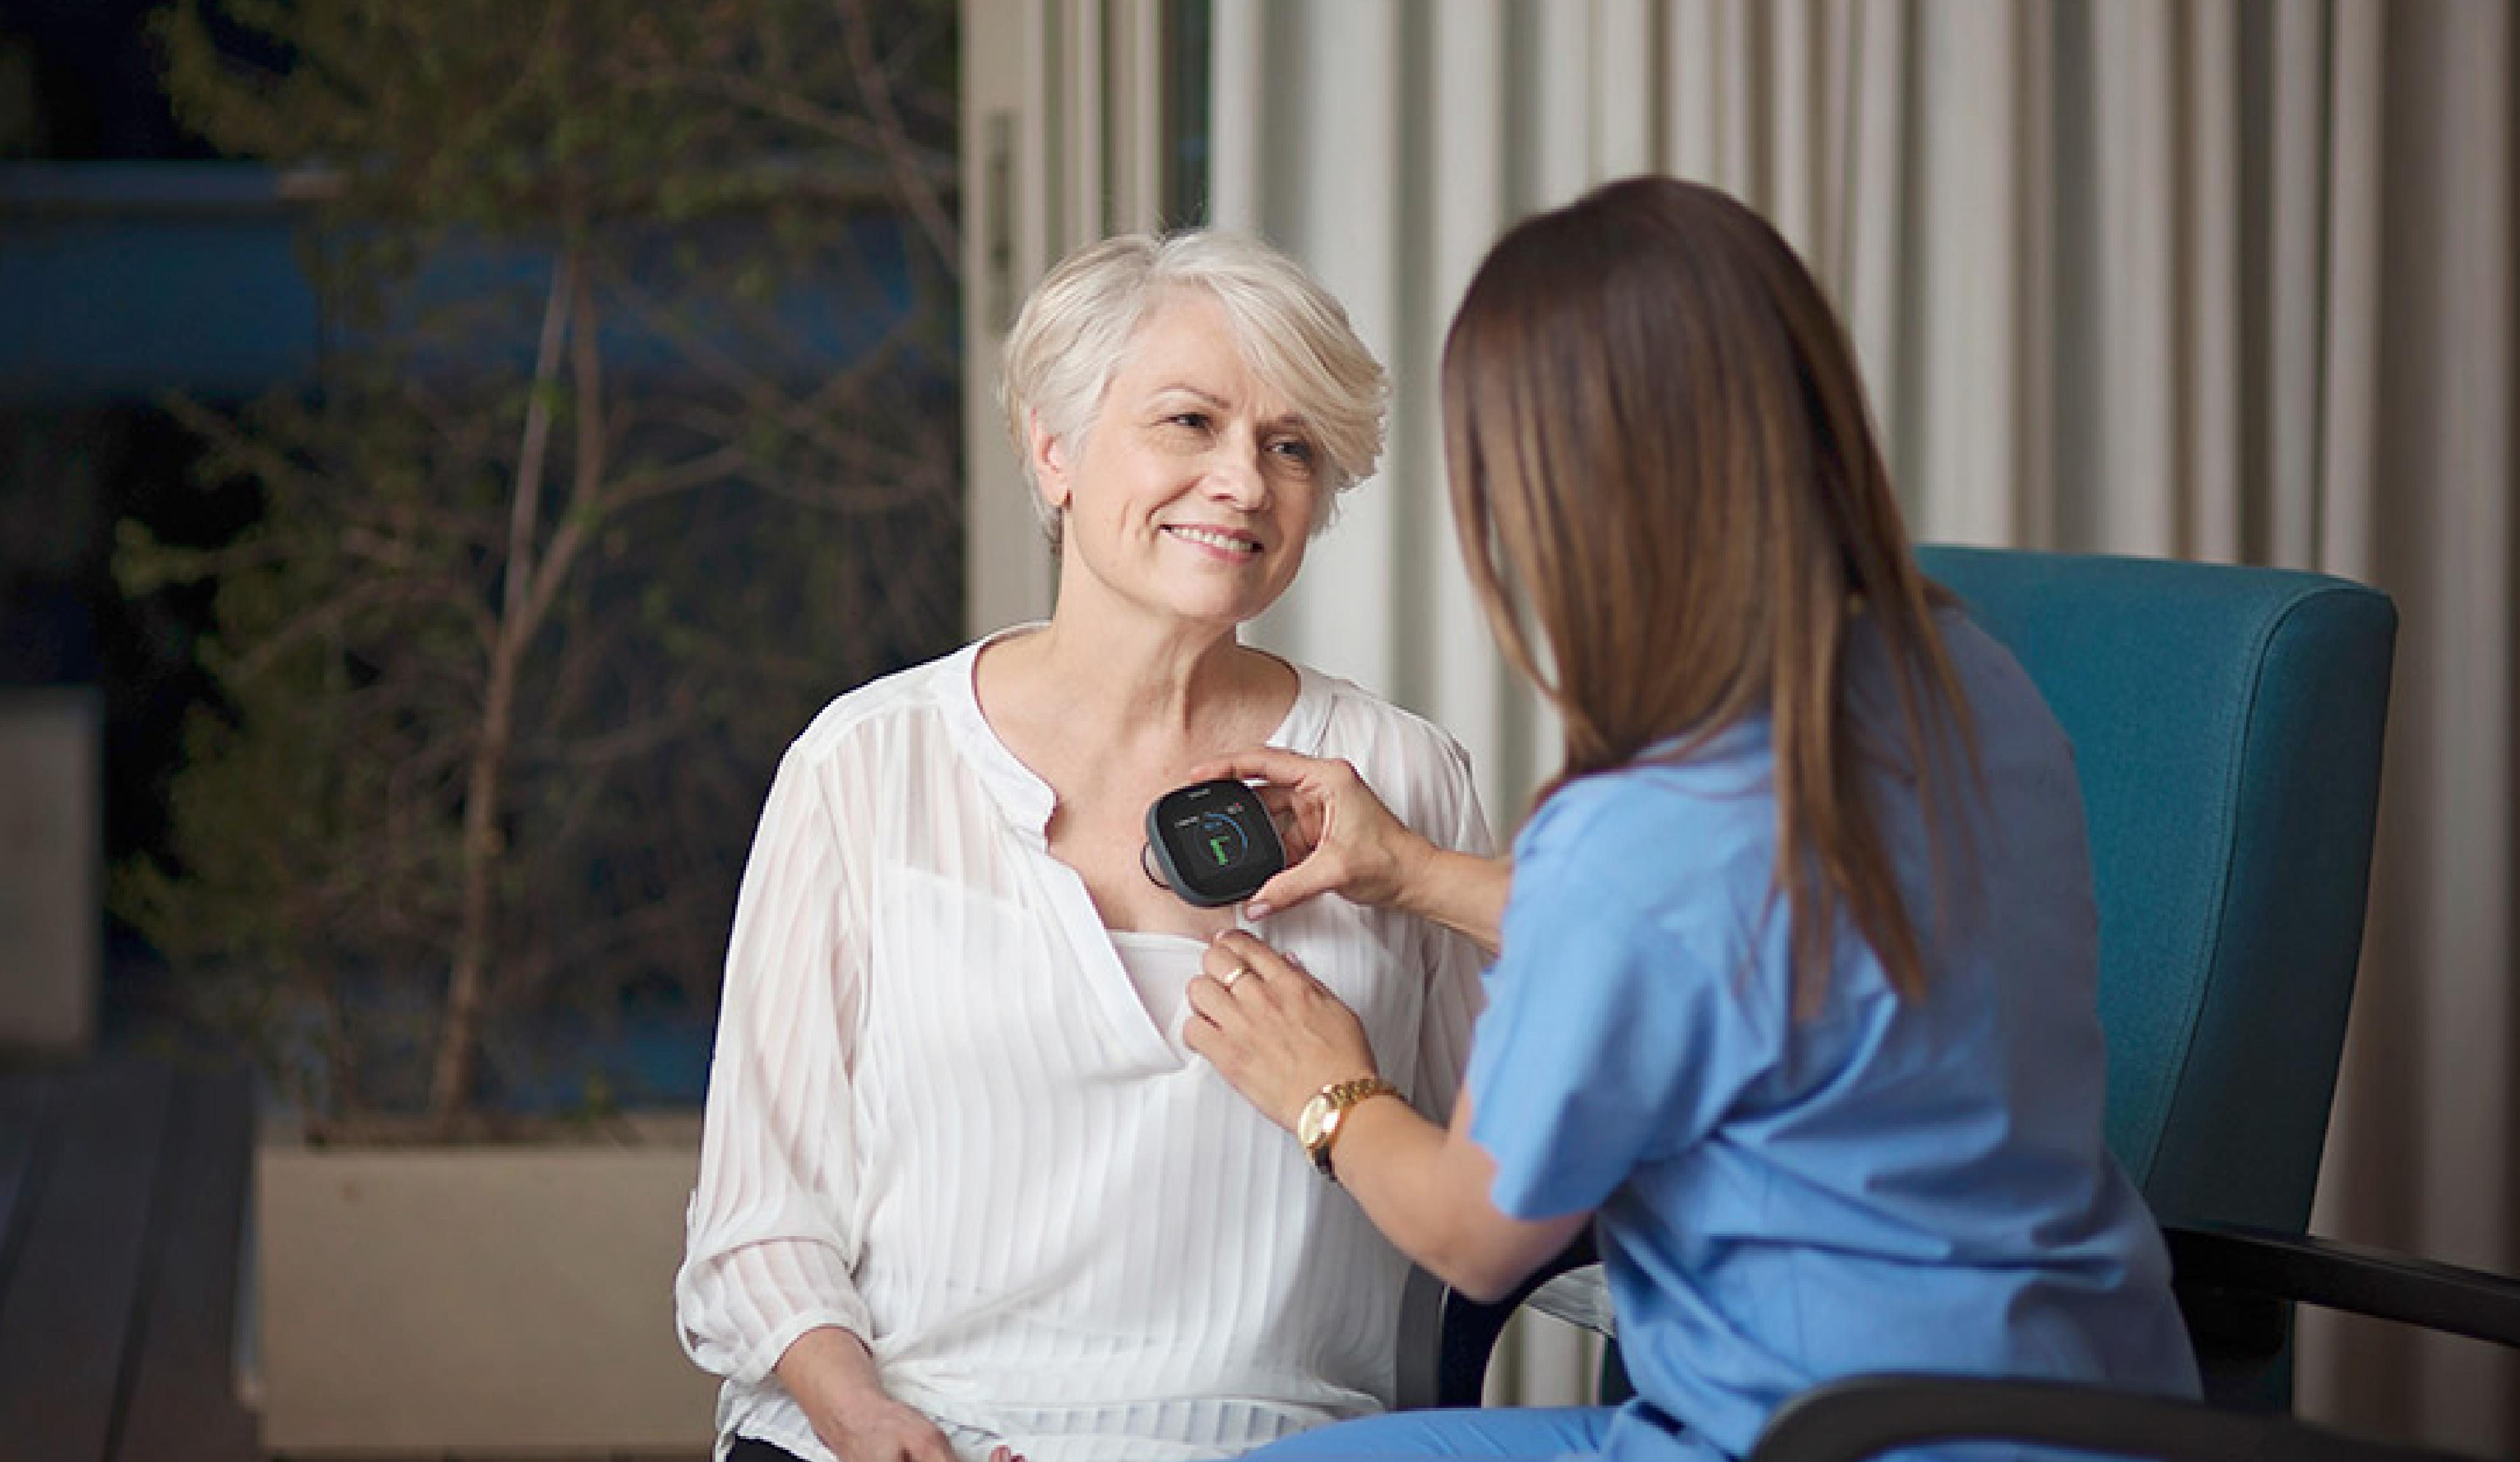 Qué exámenes remotos se pueden realizar con los dispostivos para telemedicina